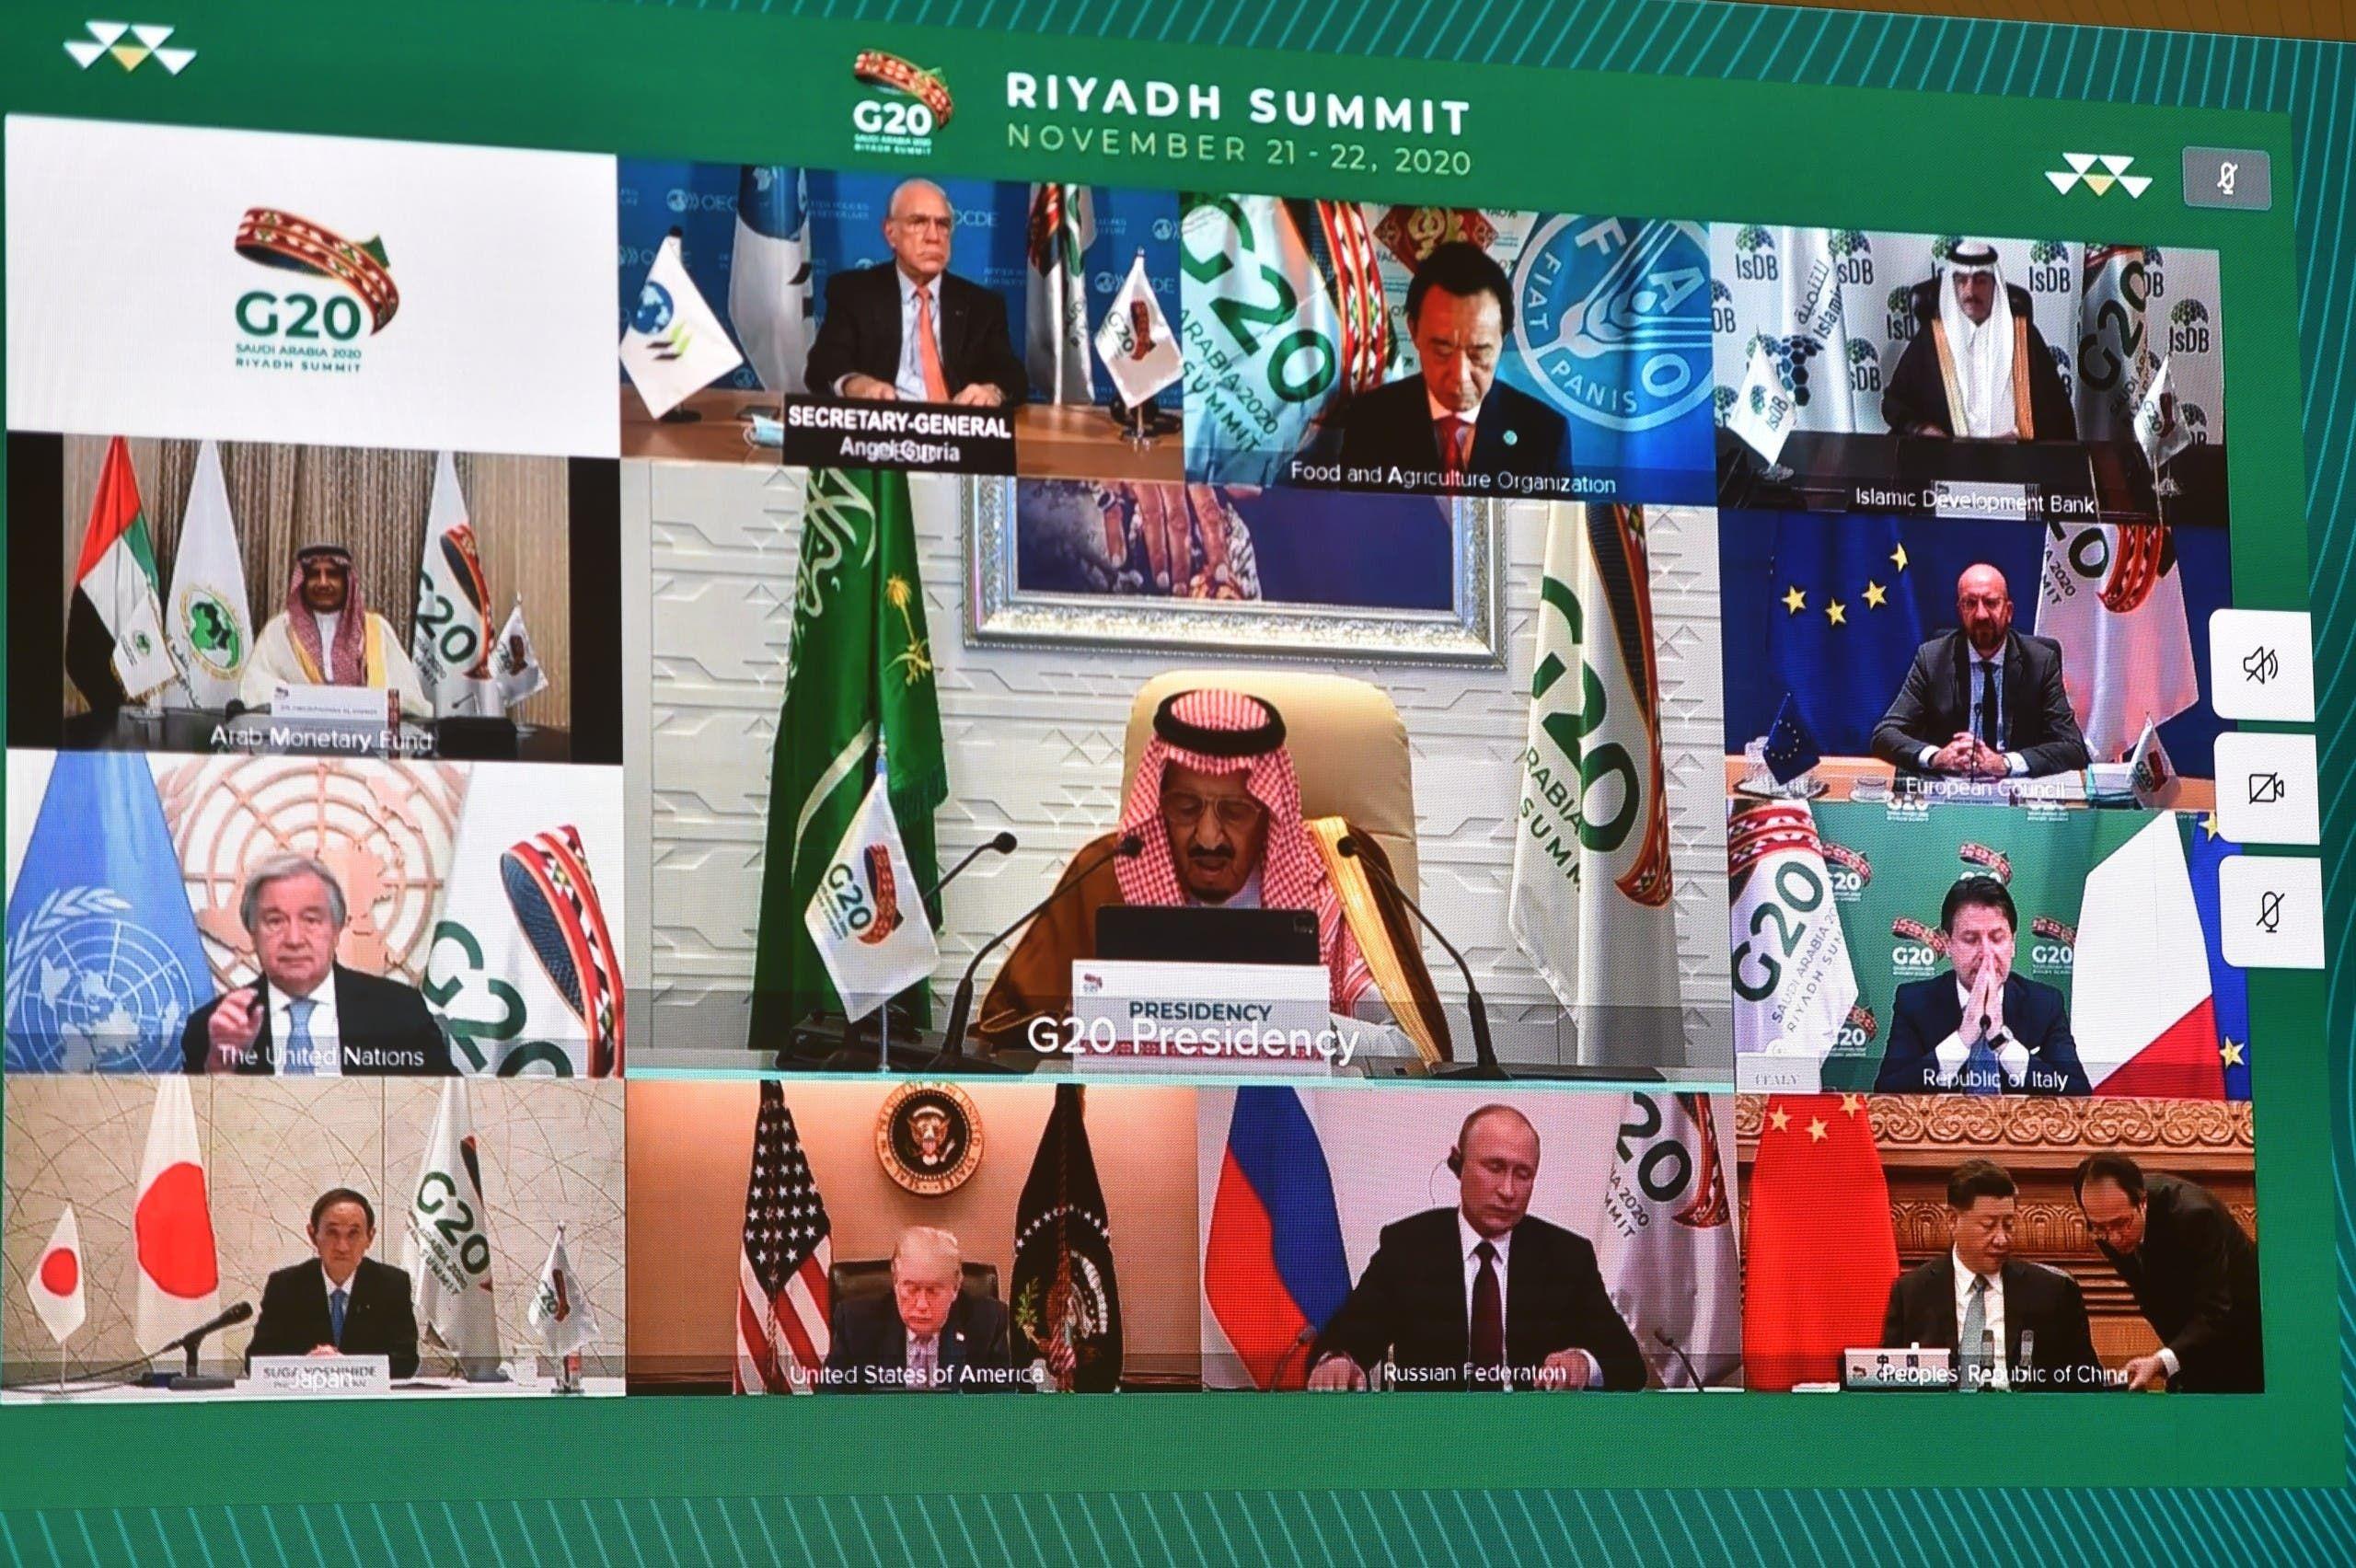 صحيفة سعودية : نتائج قمة العشرين تترجم حجم المسئولية التاريخية للسعودية